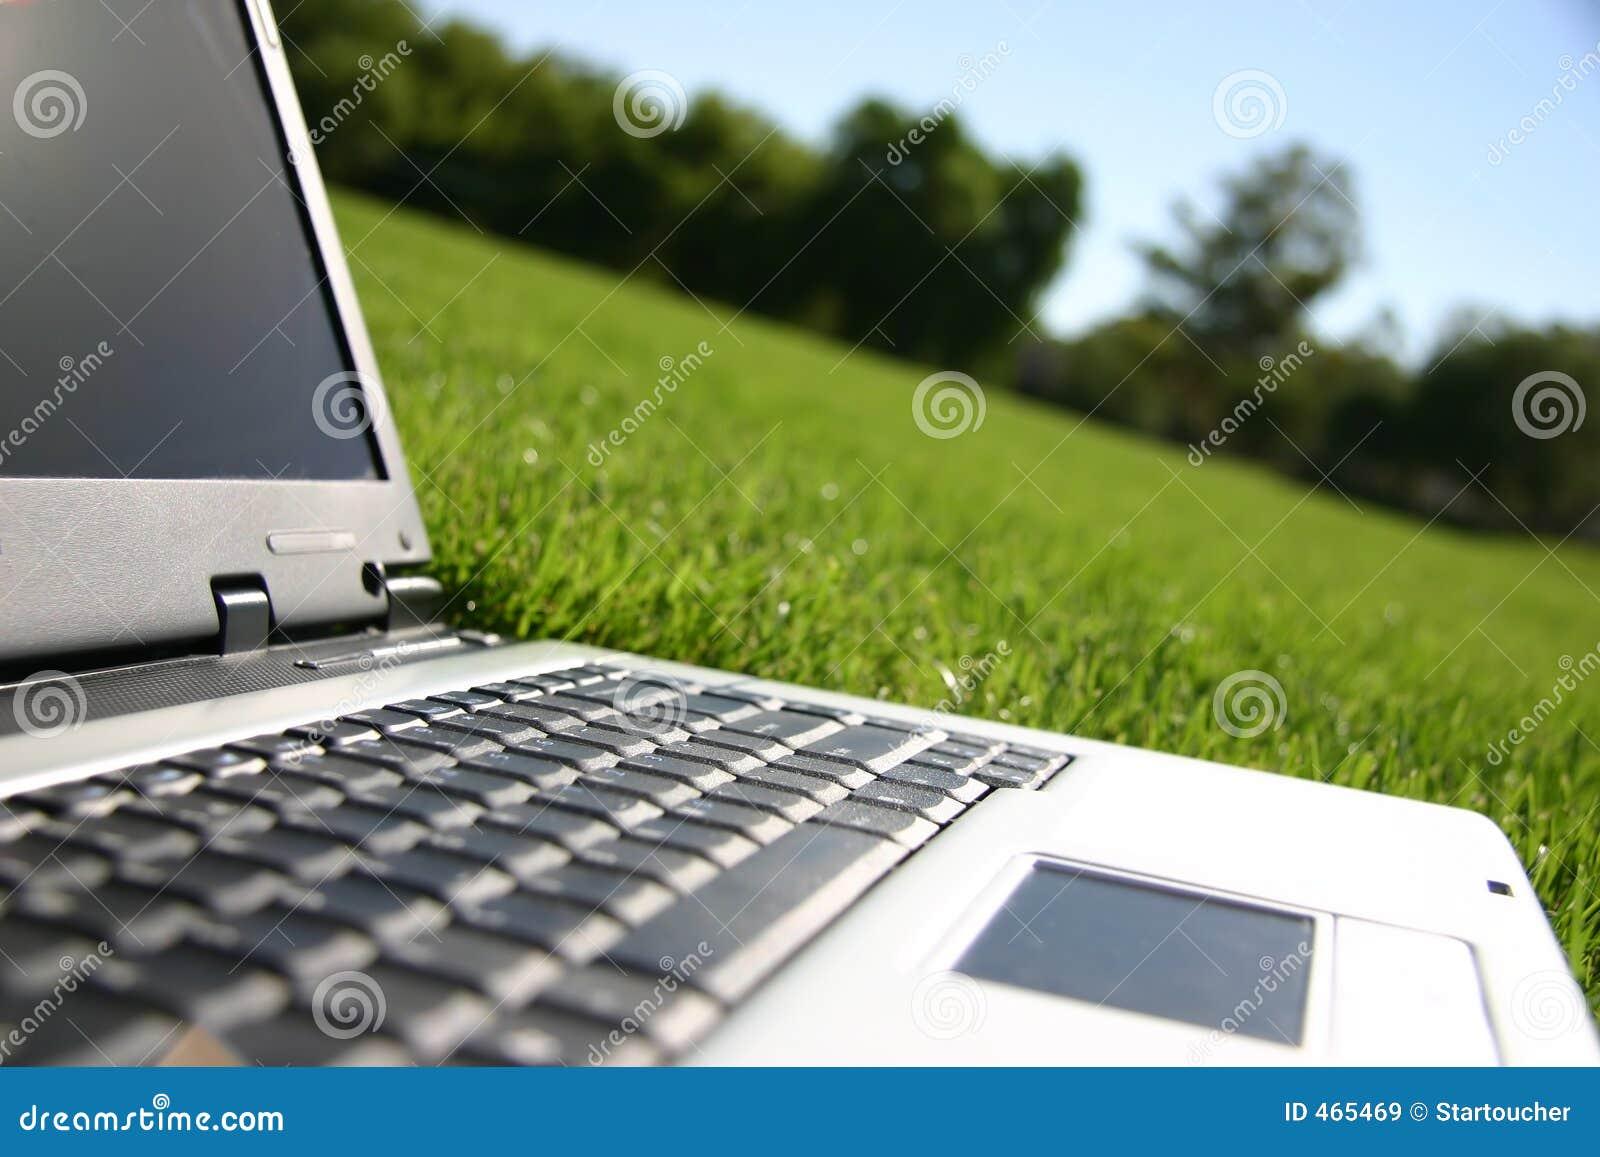 Computadora portátil en un campo